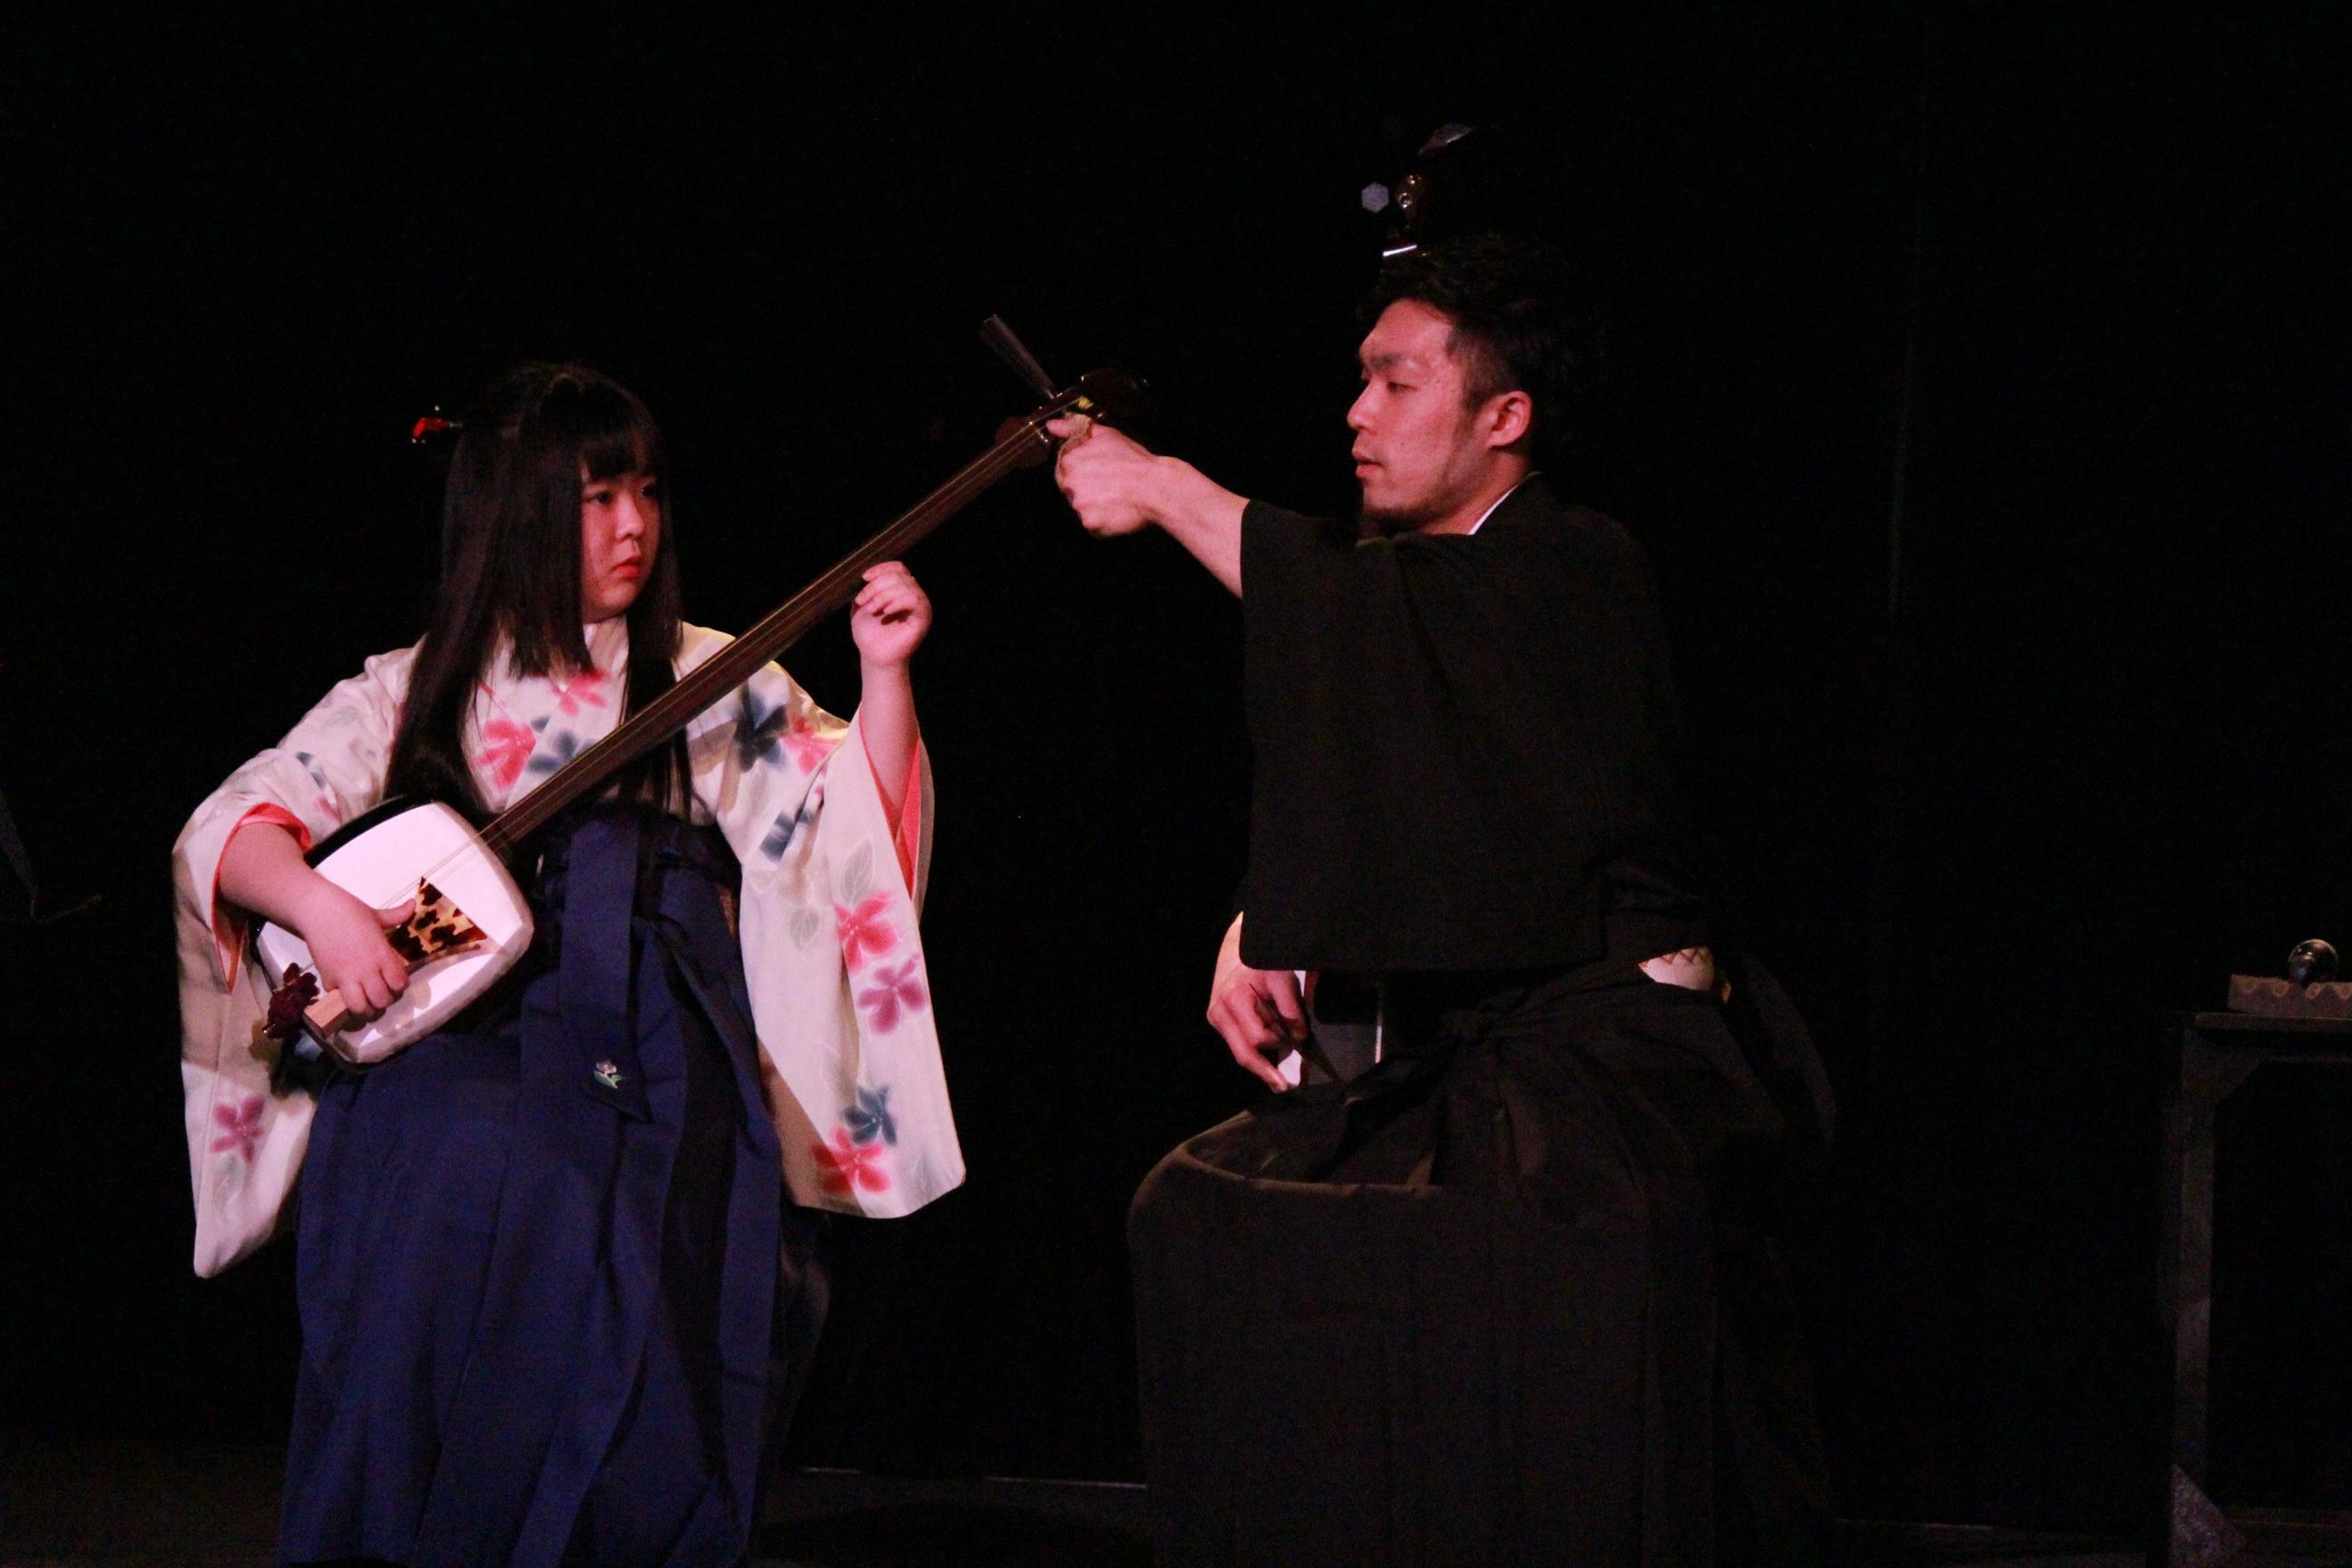 国立音楽院パラダイスホールのステージ上で三味線を構える高等部の学生と調弦をする桂城杜生先生。